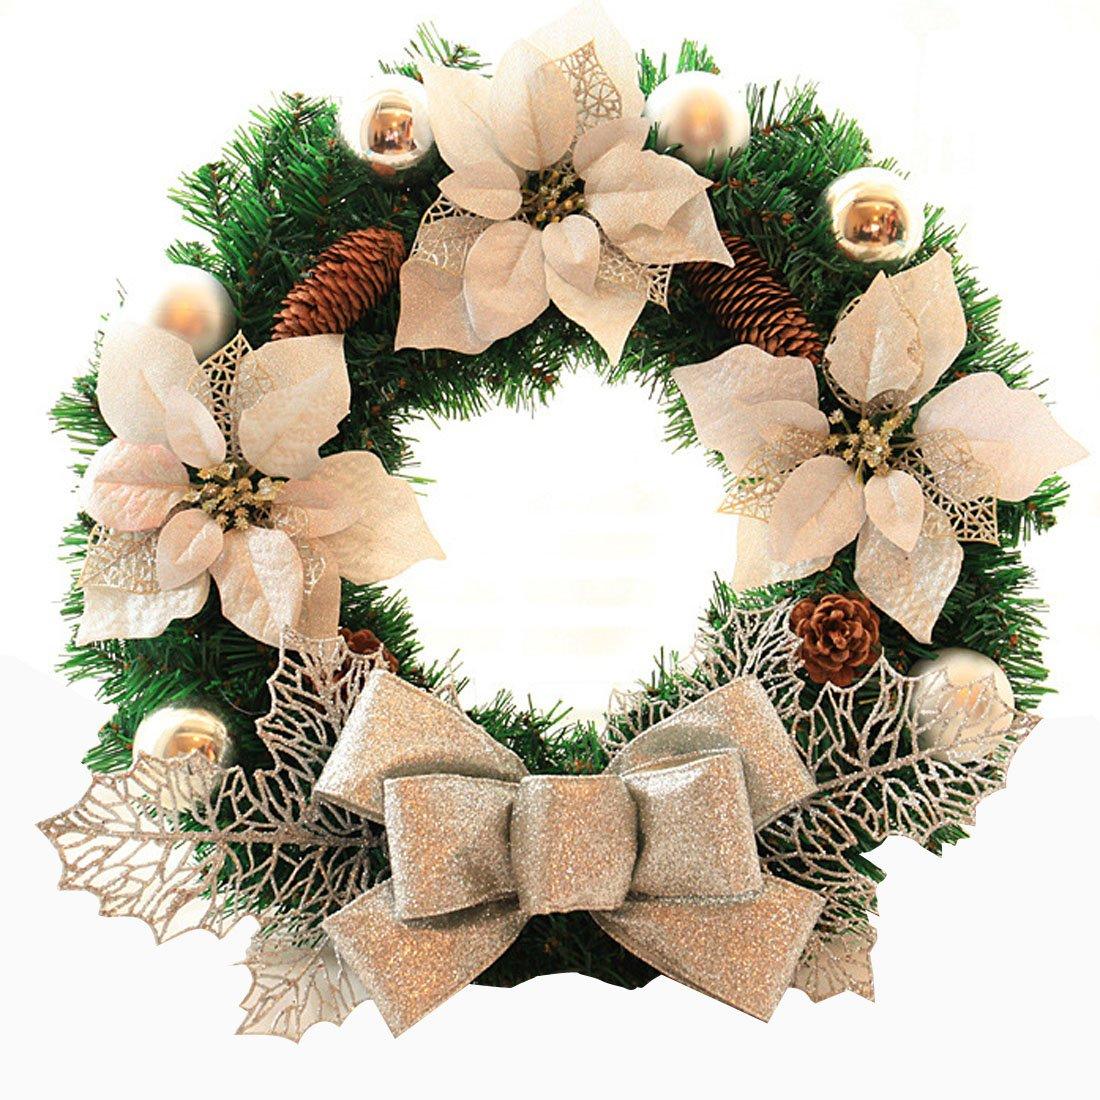 Coxeer 18 Inch Door Wreath Artificial Pine Rattan Home Hotel Christmas Decoration Door Garland